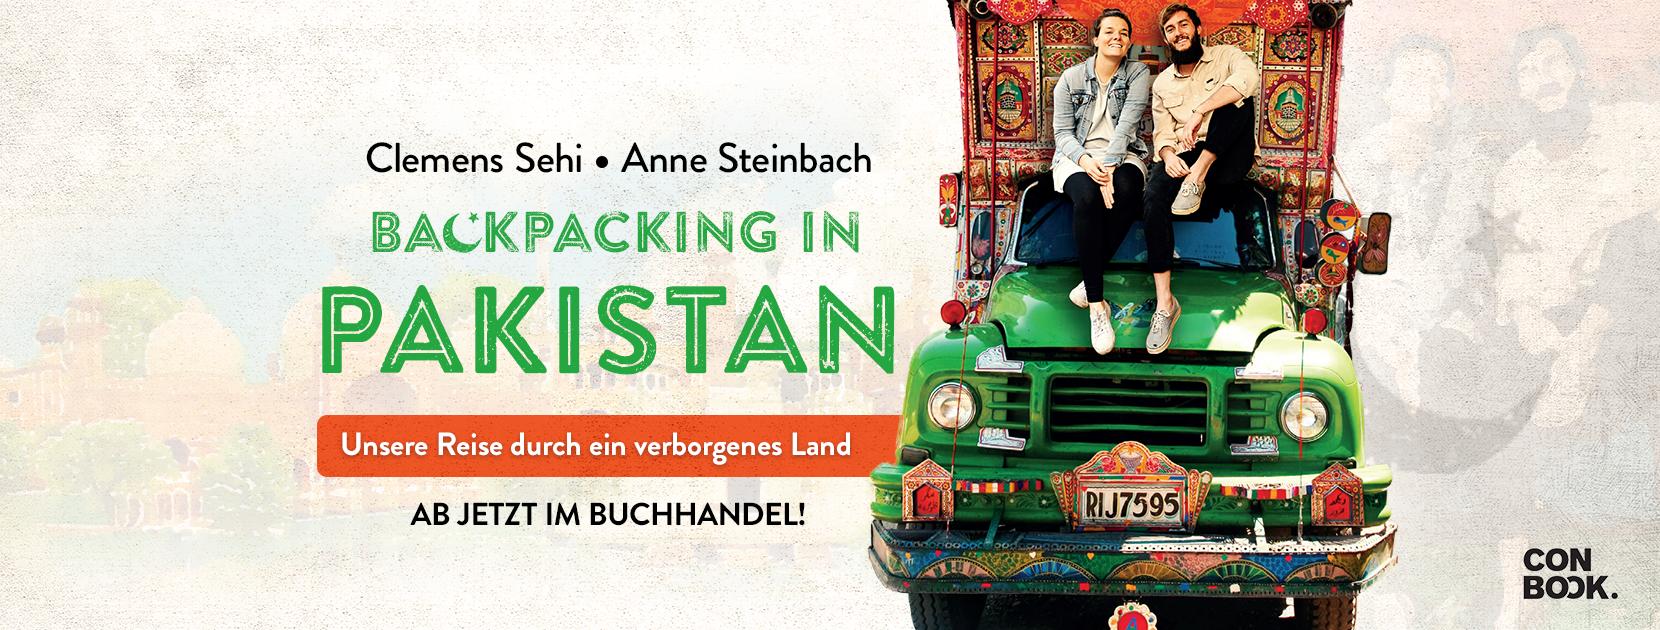 Backpacking in Pakistan - unser eigenes Bucht